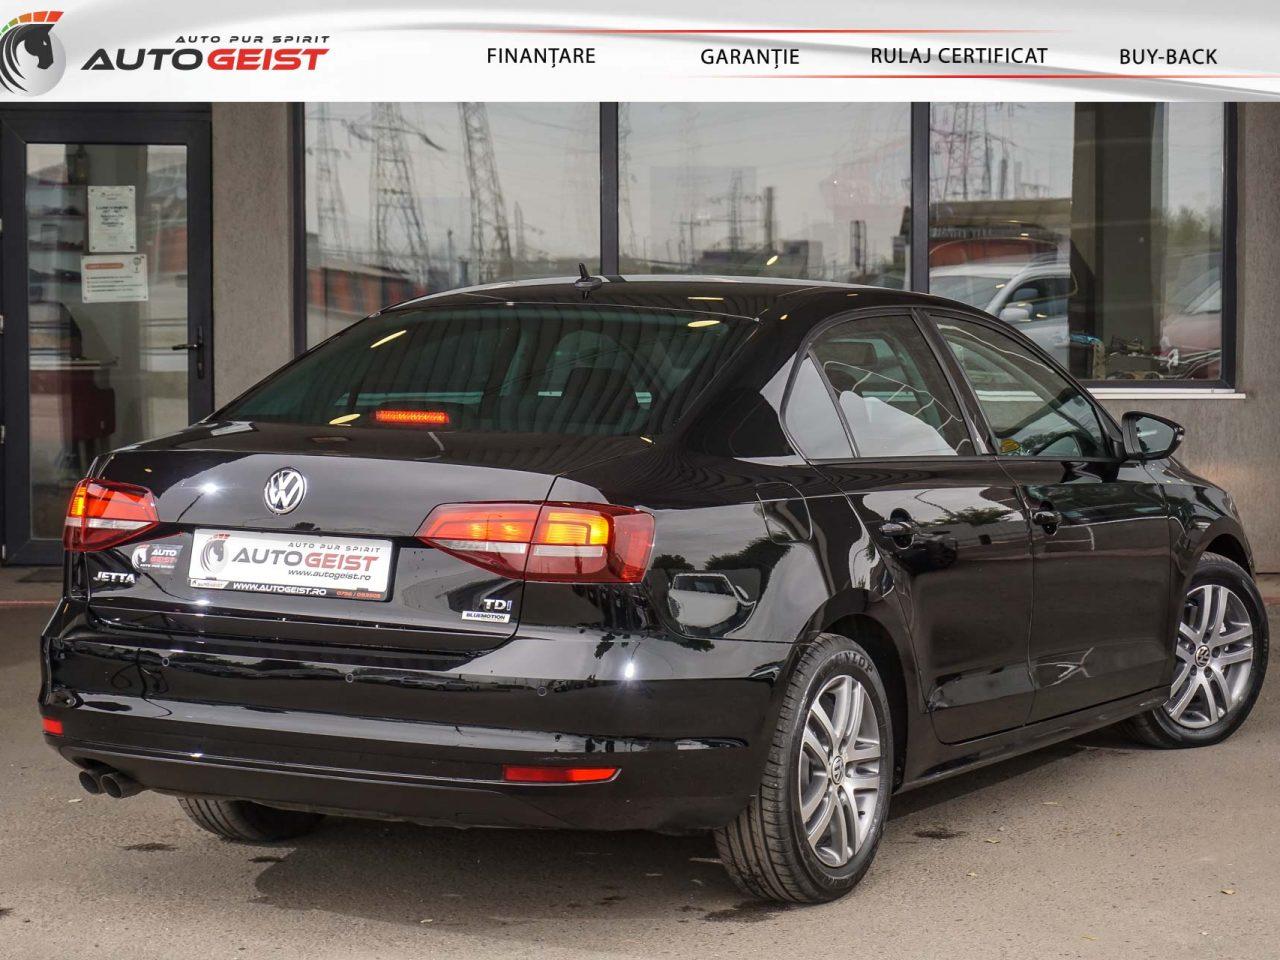 volkswagen-jetta-negru-1345-03320